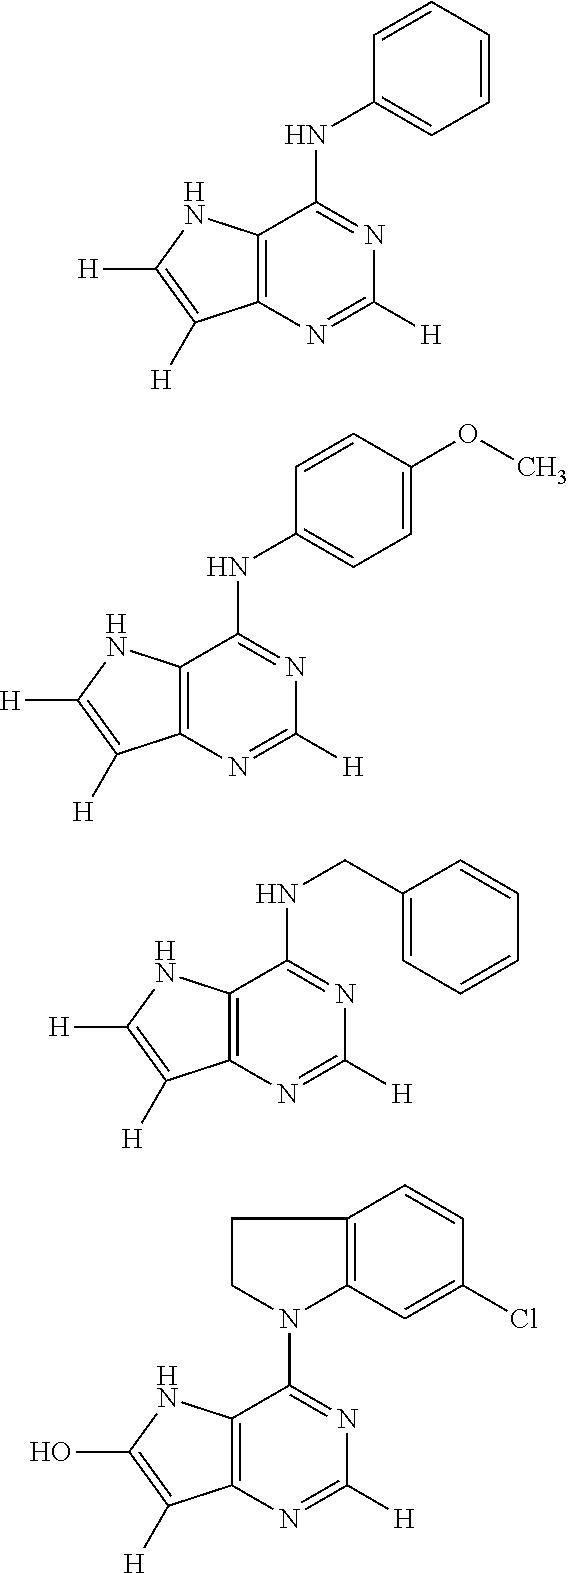 Figure US20110003805A1-20110106-C00040